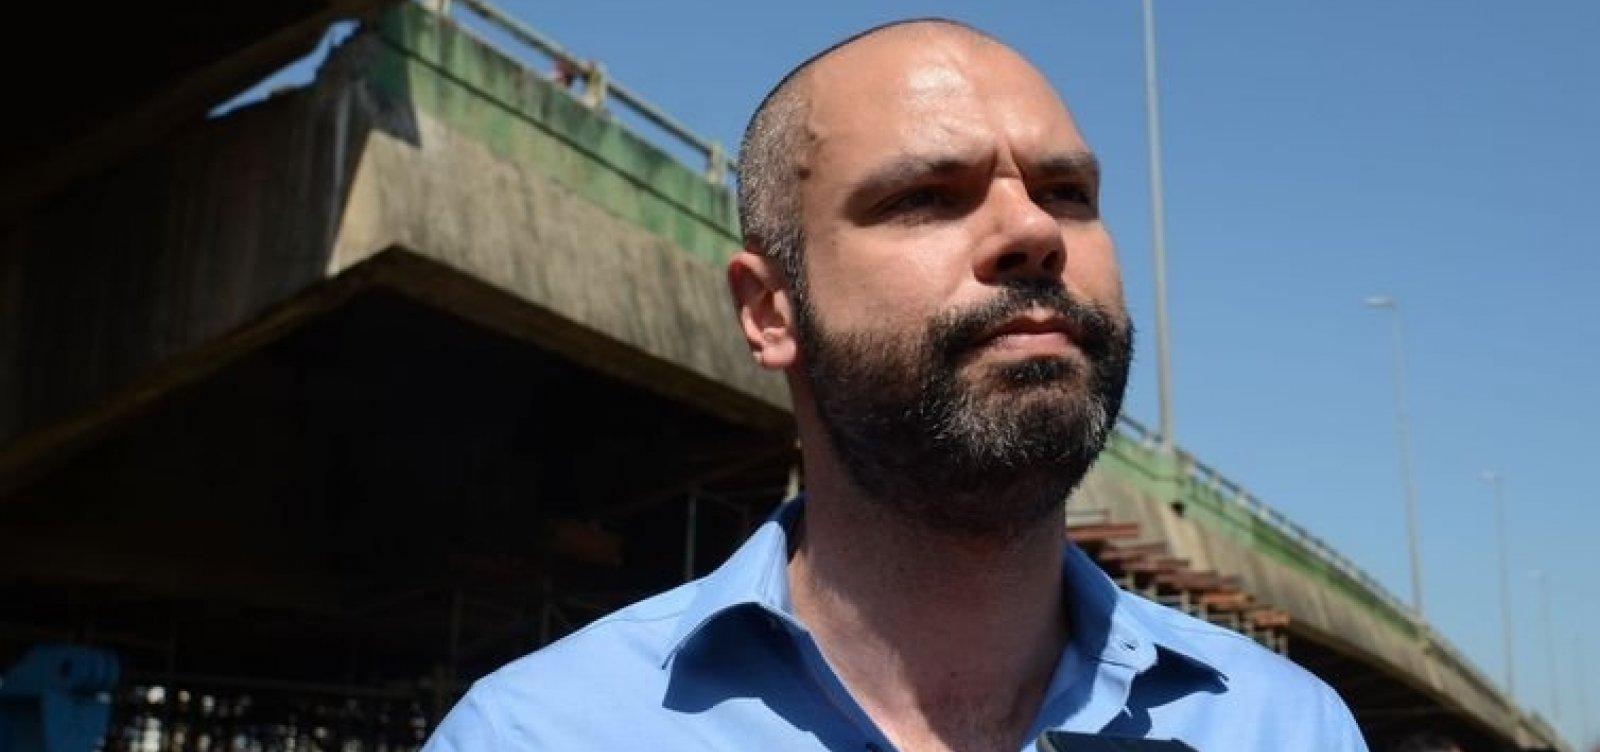 Prefeito de São Paulo passa pela 1ª sessão de quimioterapia